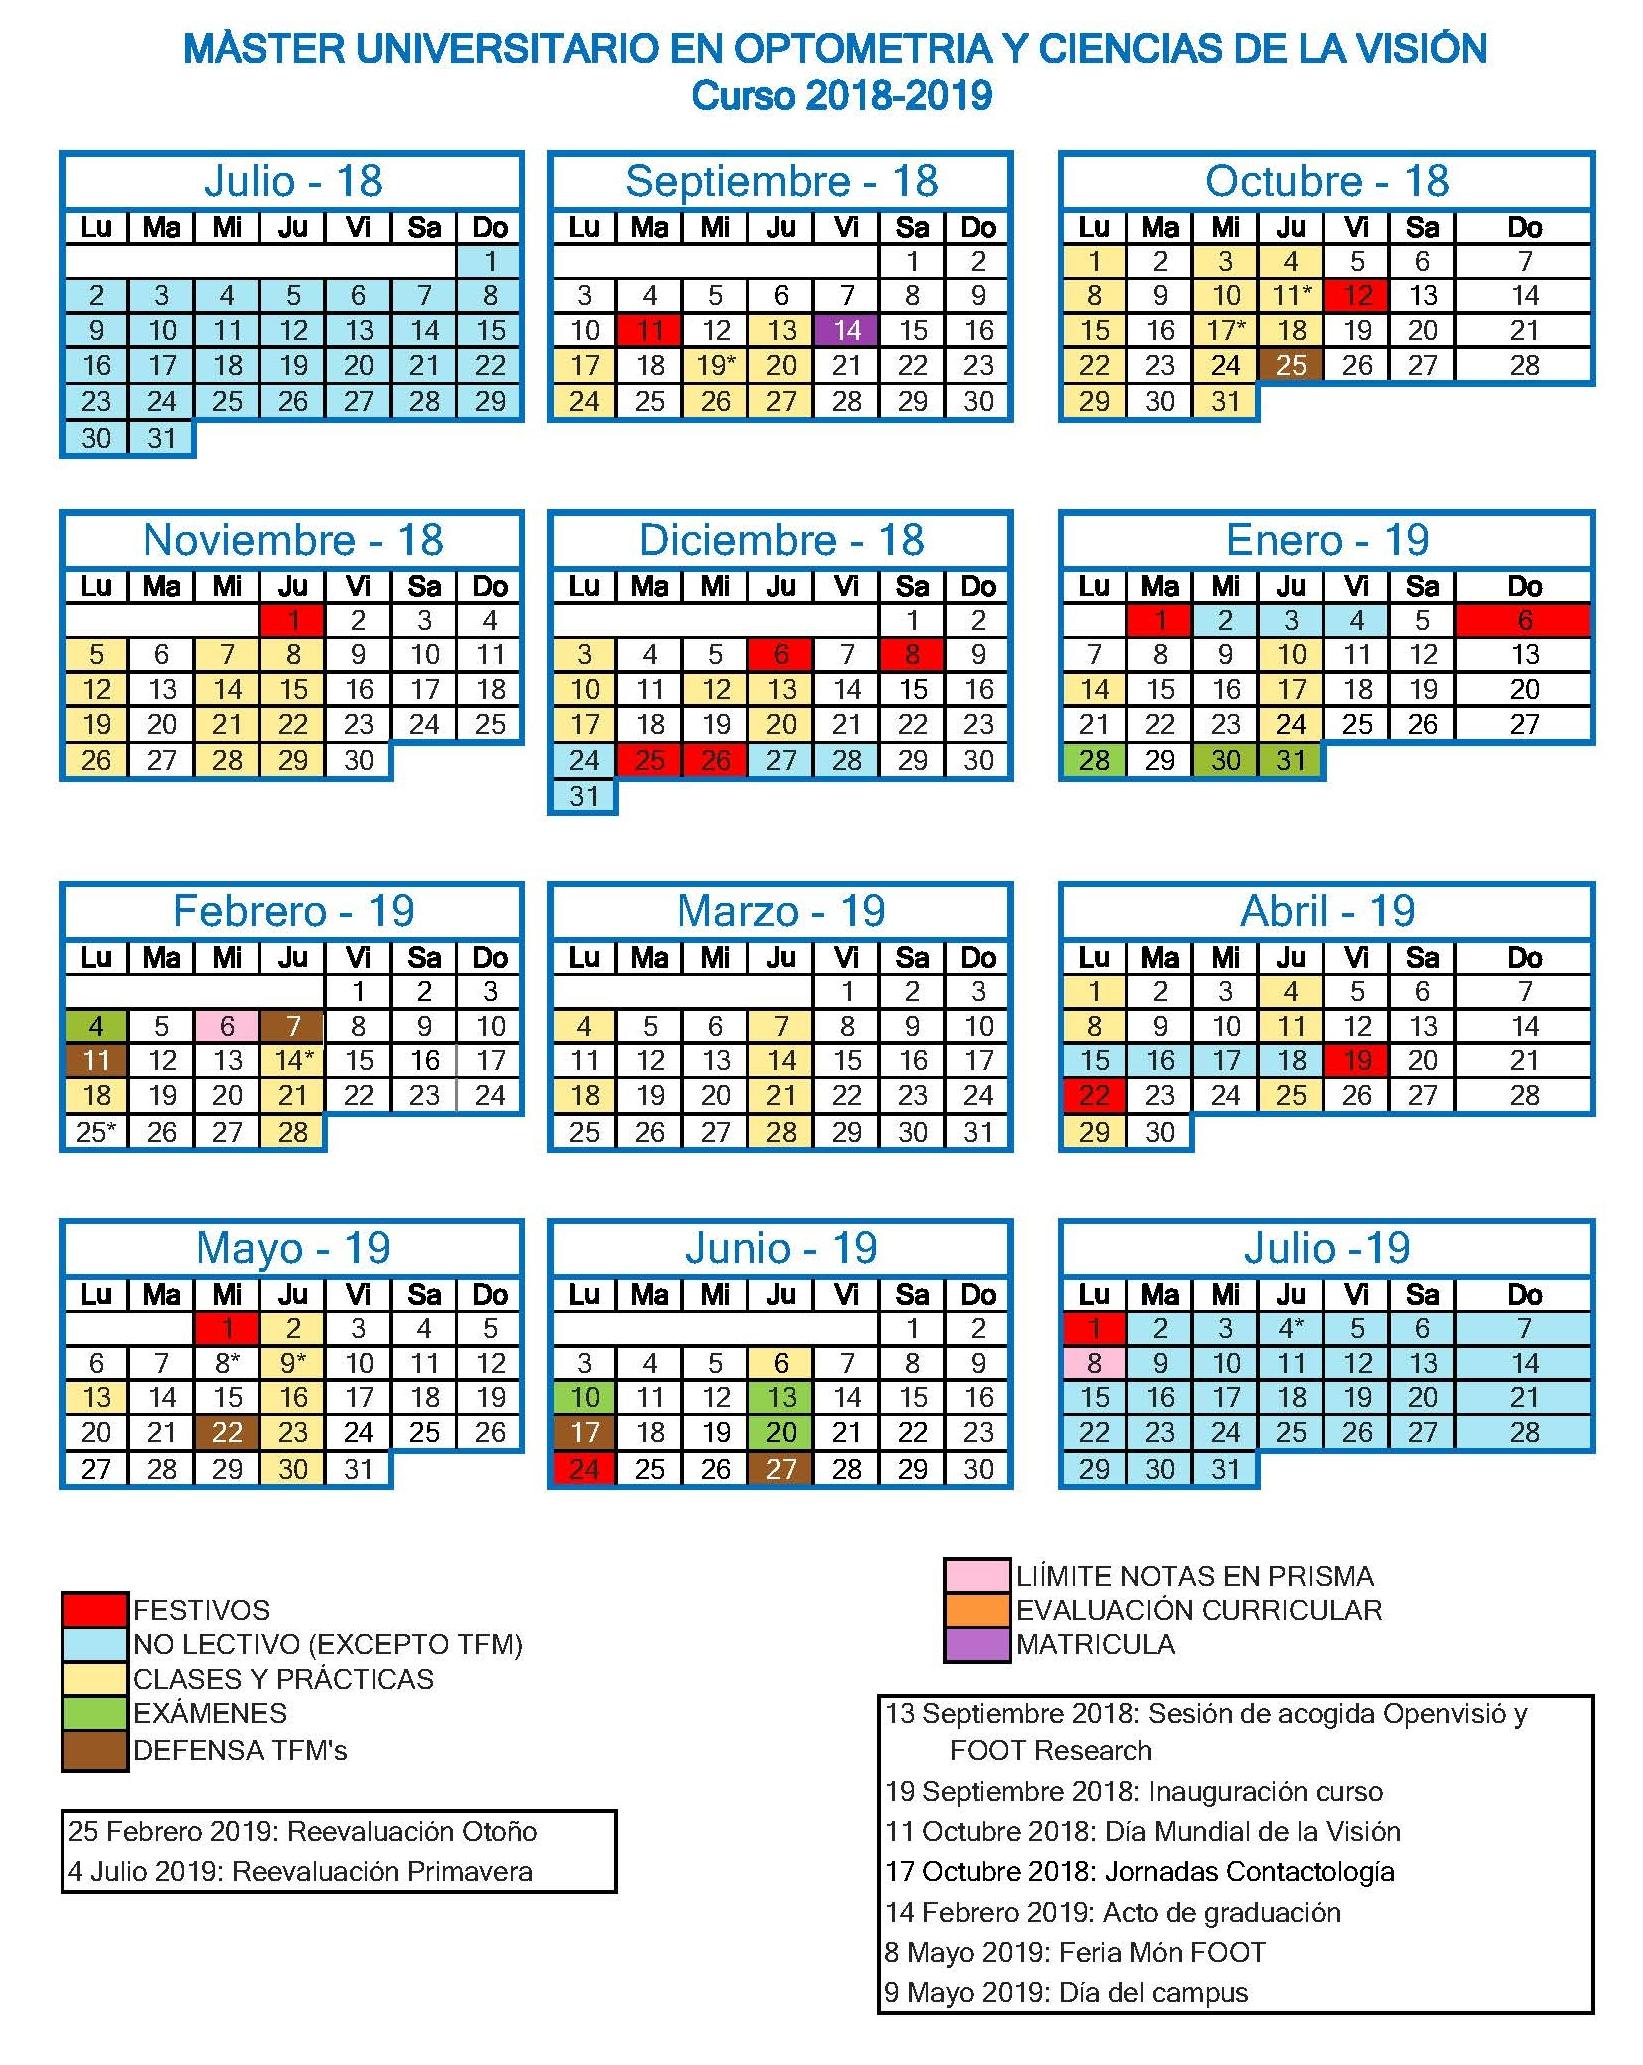 Calendario MUOCV 2018-2019